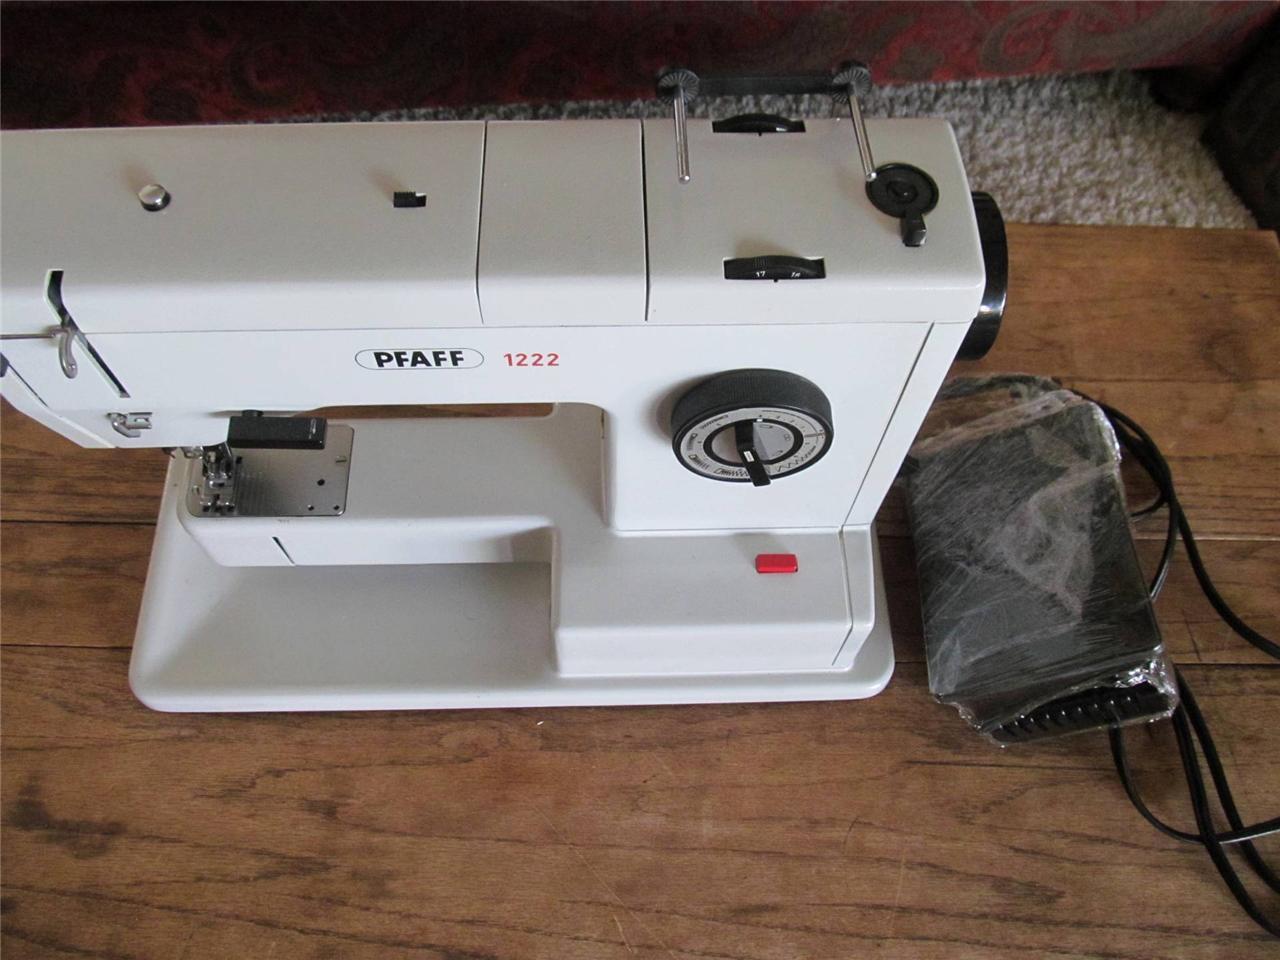 Pfaff Walking Foot Heavy Perfect Stitch Sewing Machine German Rebuilt